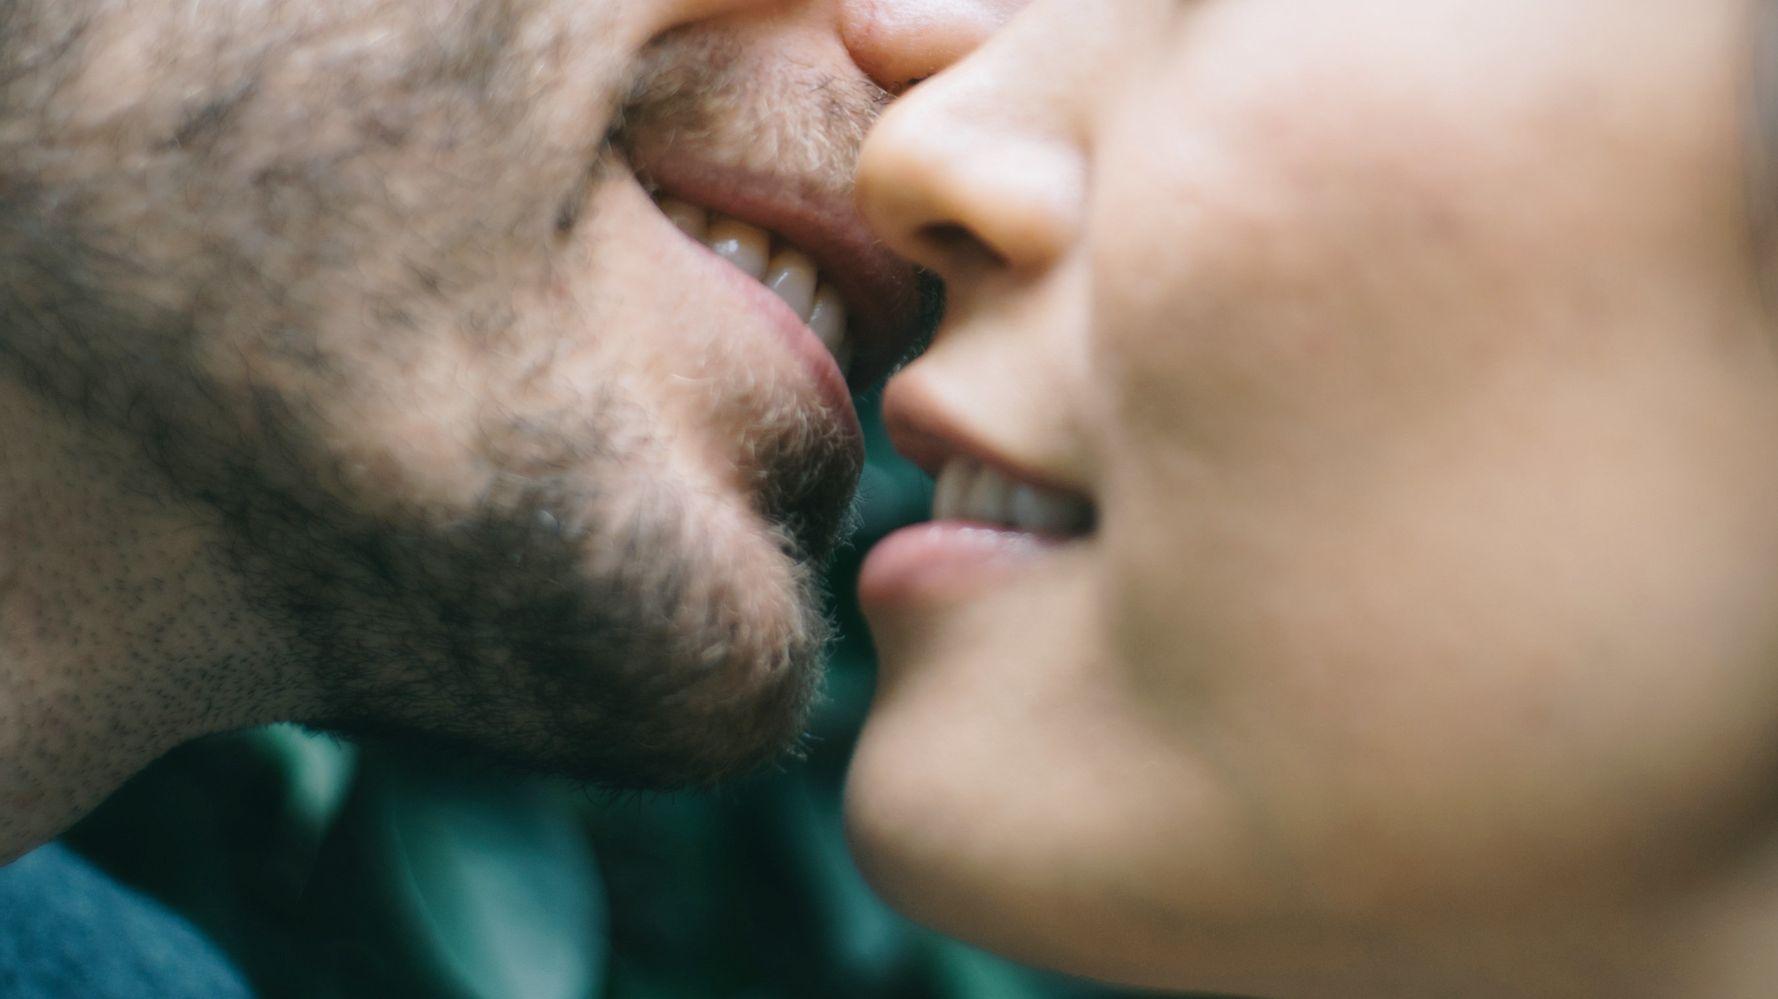 Περίεργα πράγματα στο σεξ: Τα παράξενα που θα ήθελες να γνωρίζεις